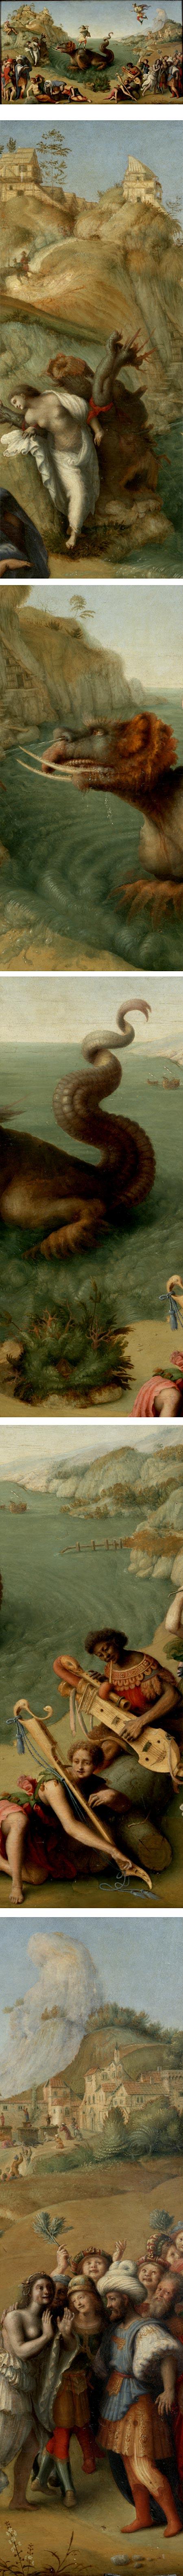 Andromeda fred by Perseus, Piero di Cosimo